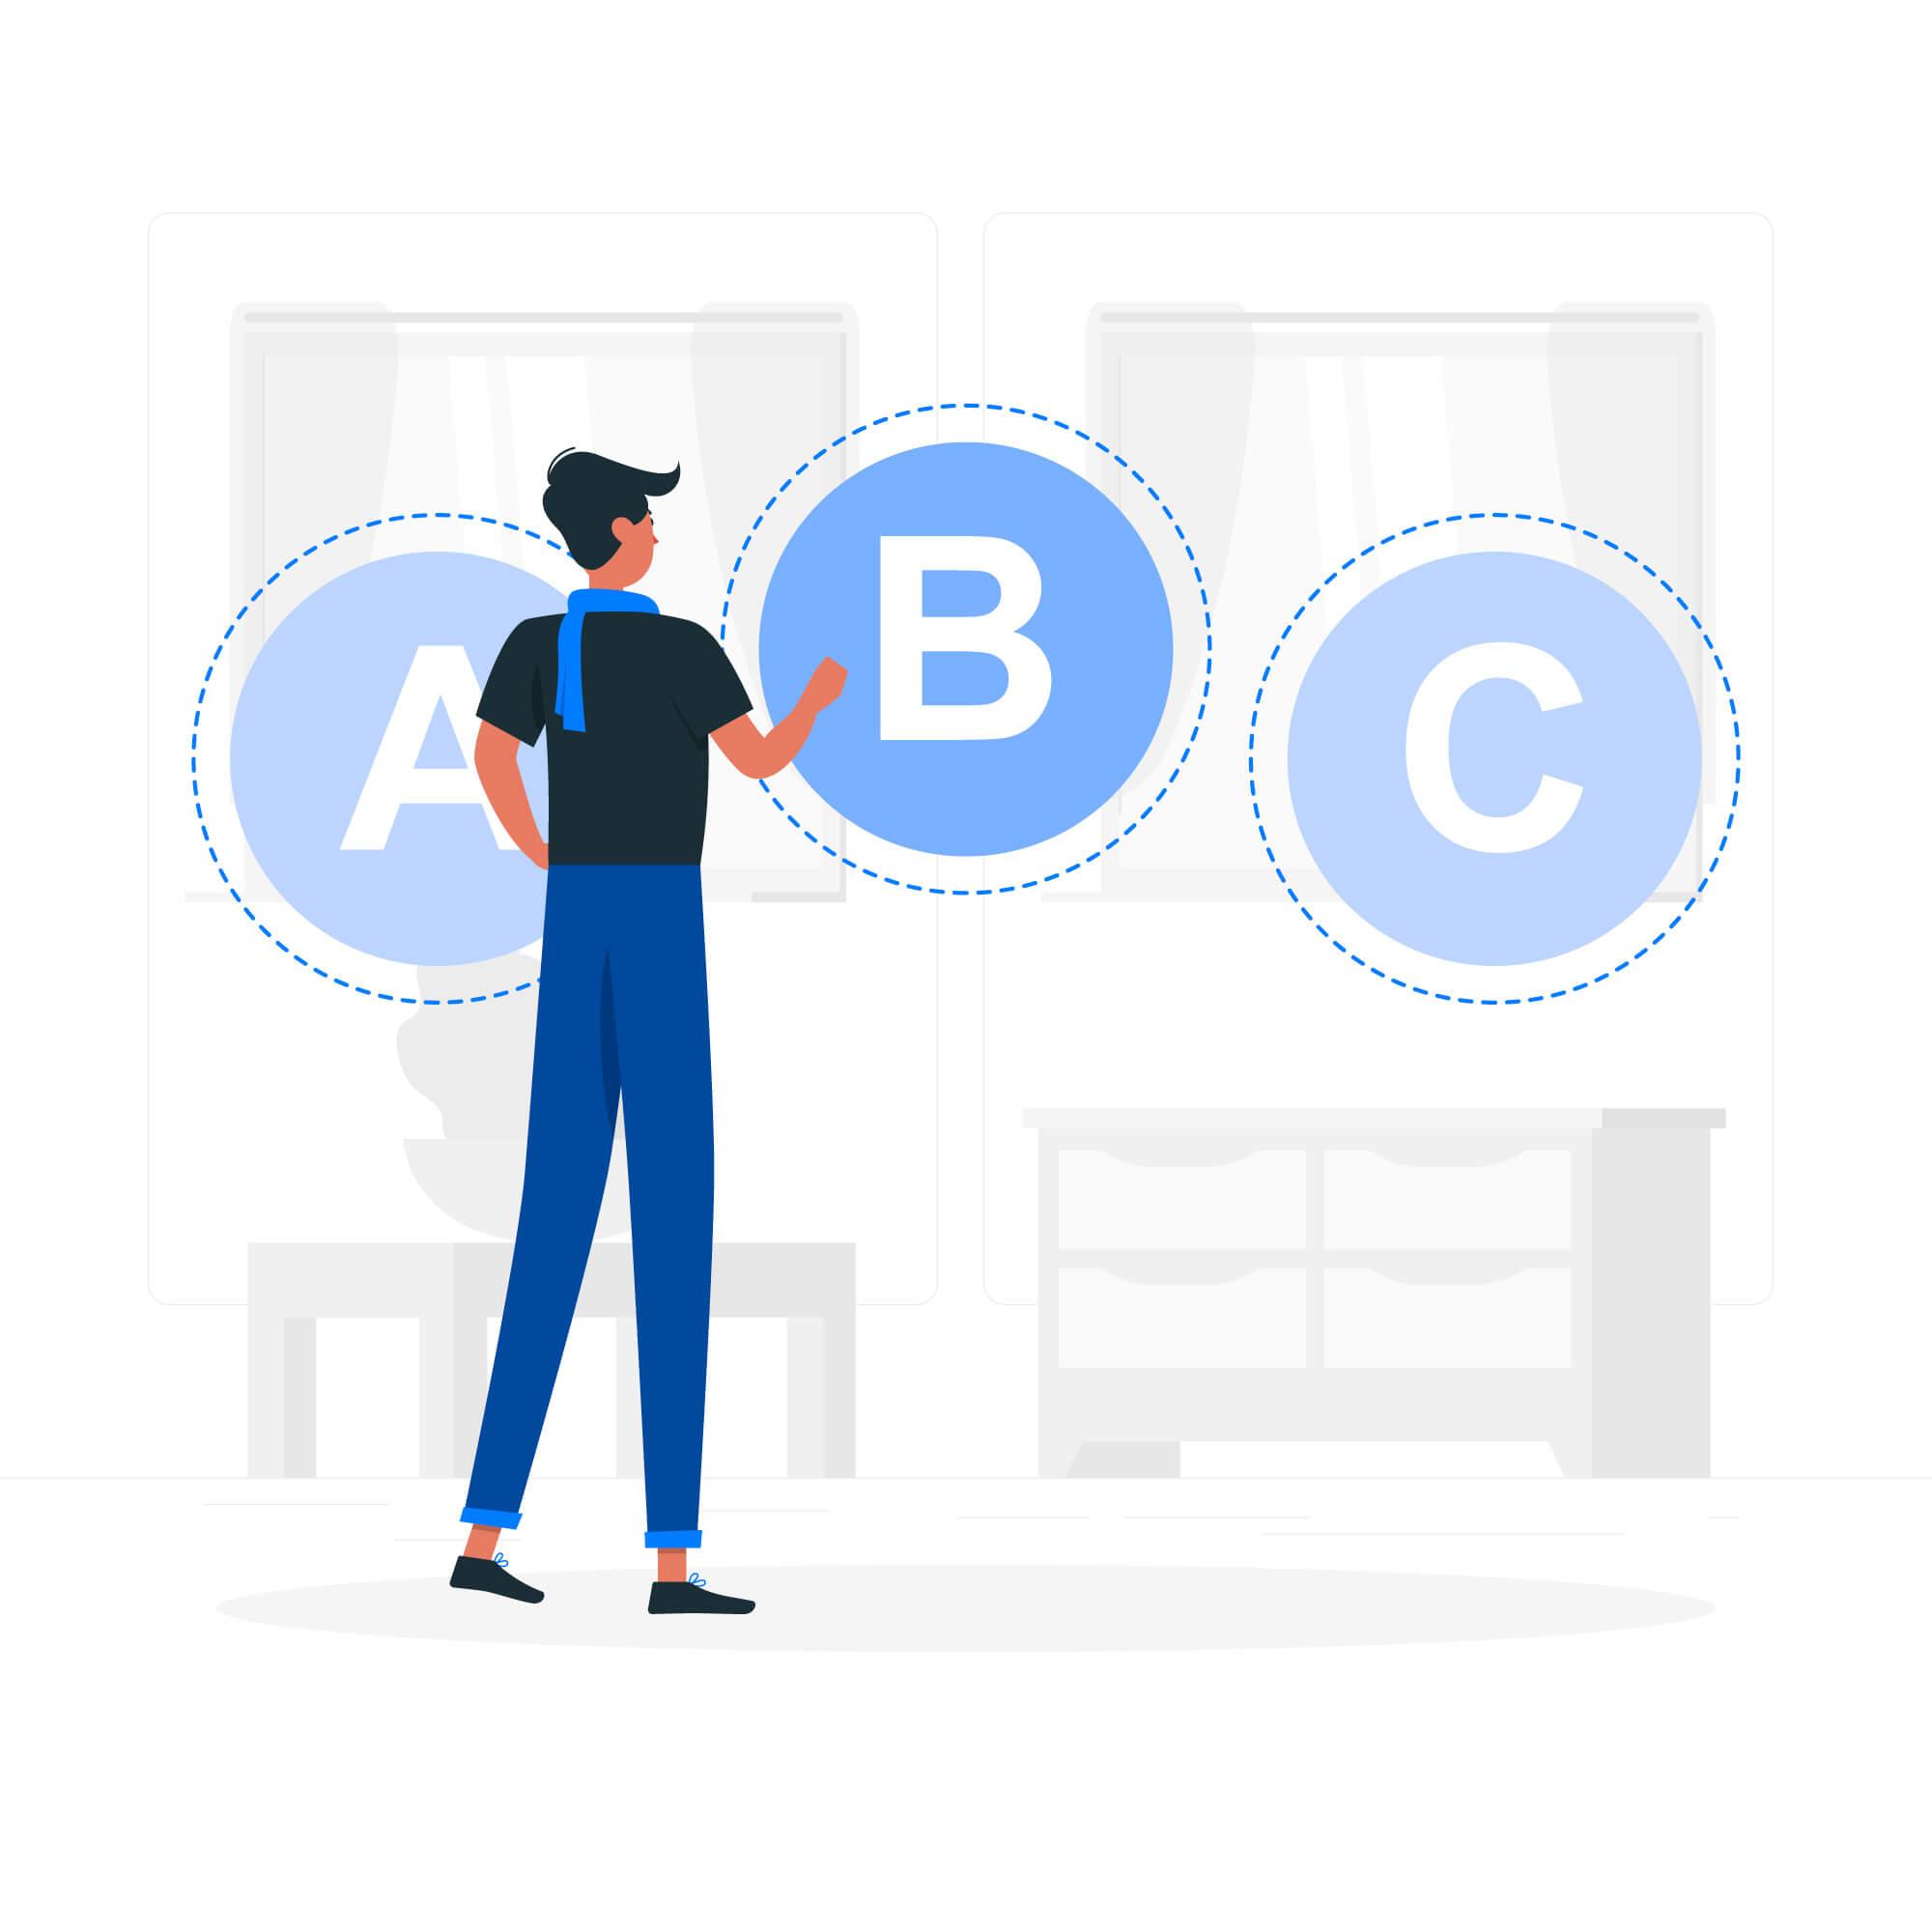 プログラミングをイチから学びたい人におすすめのプログラミングスクール3選